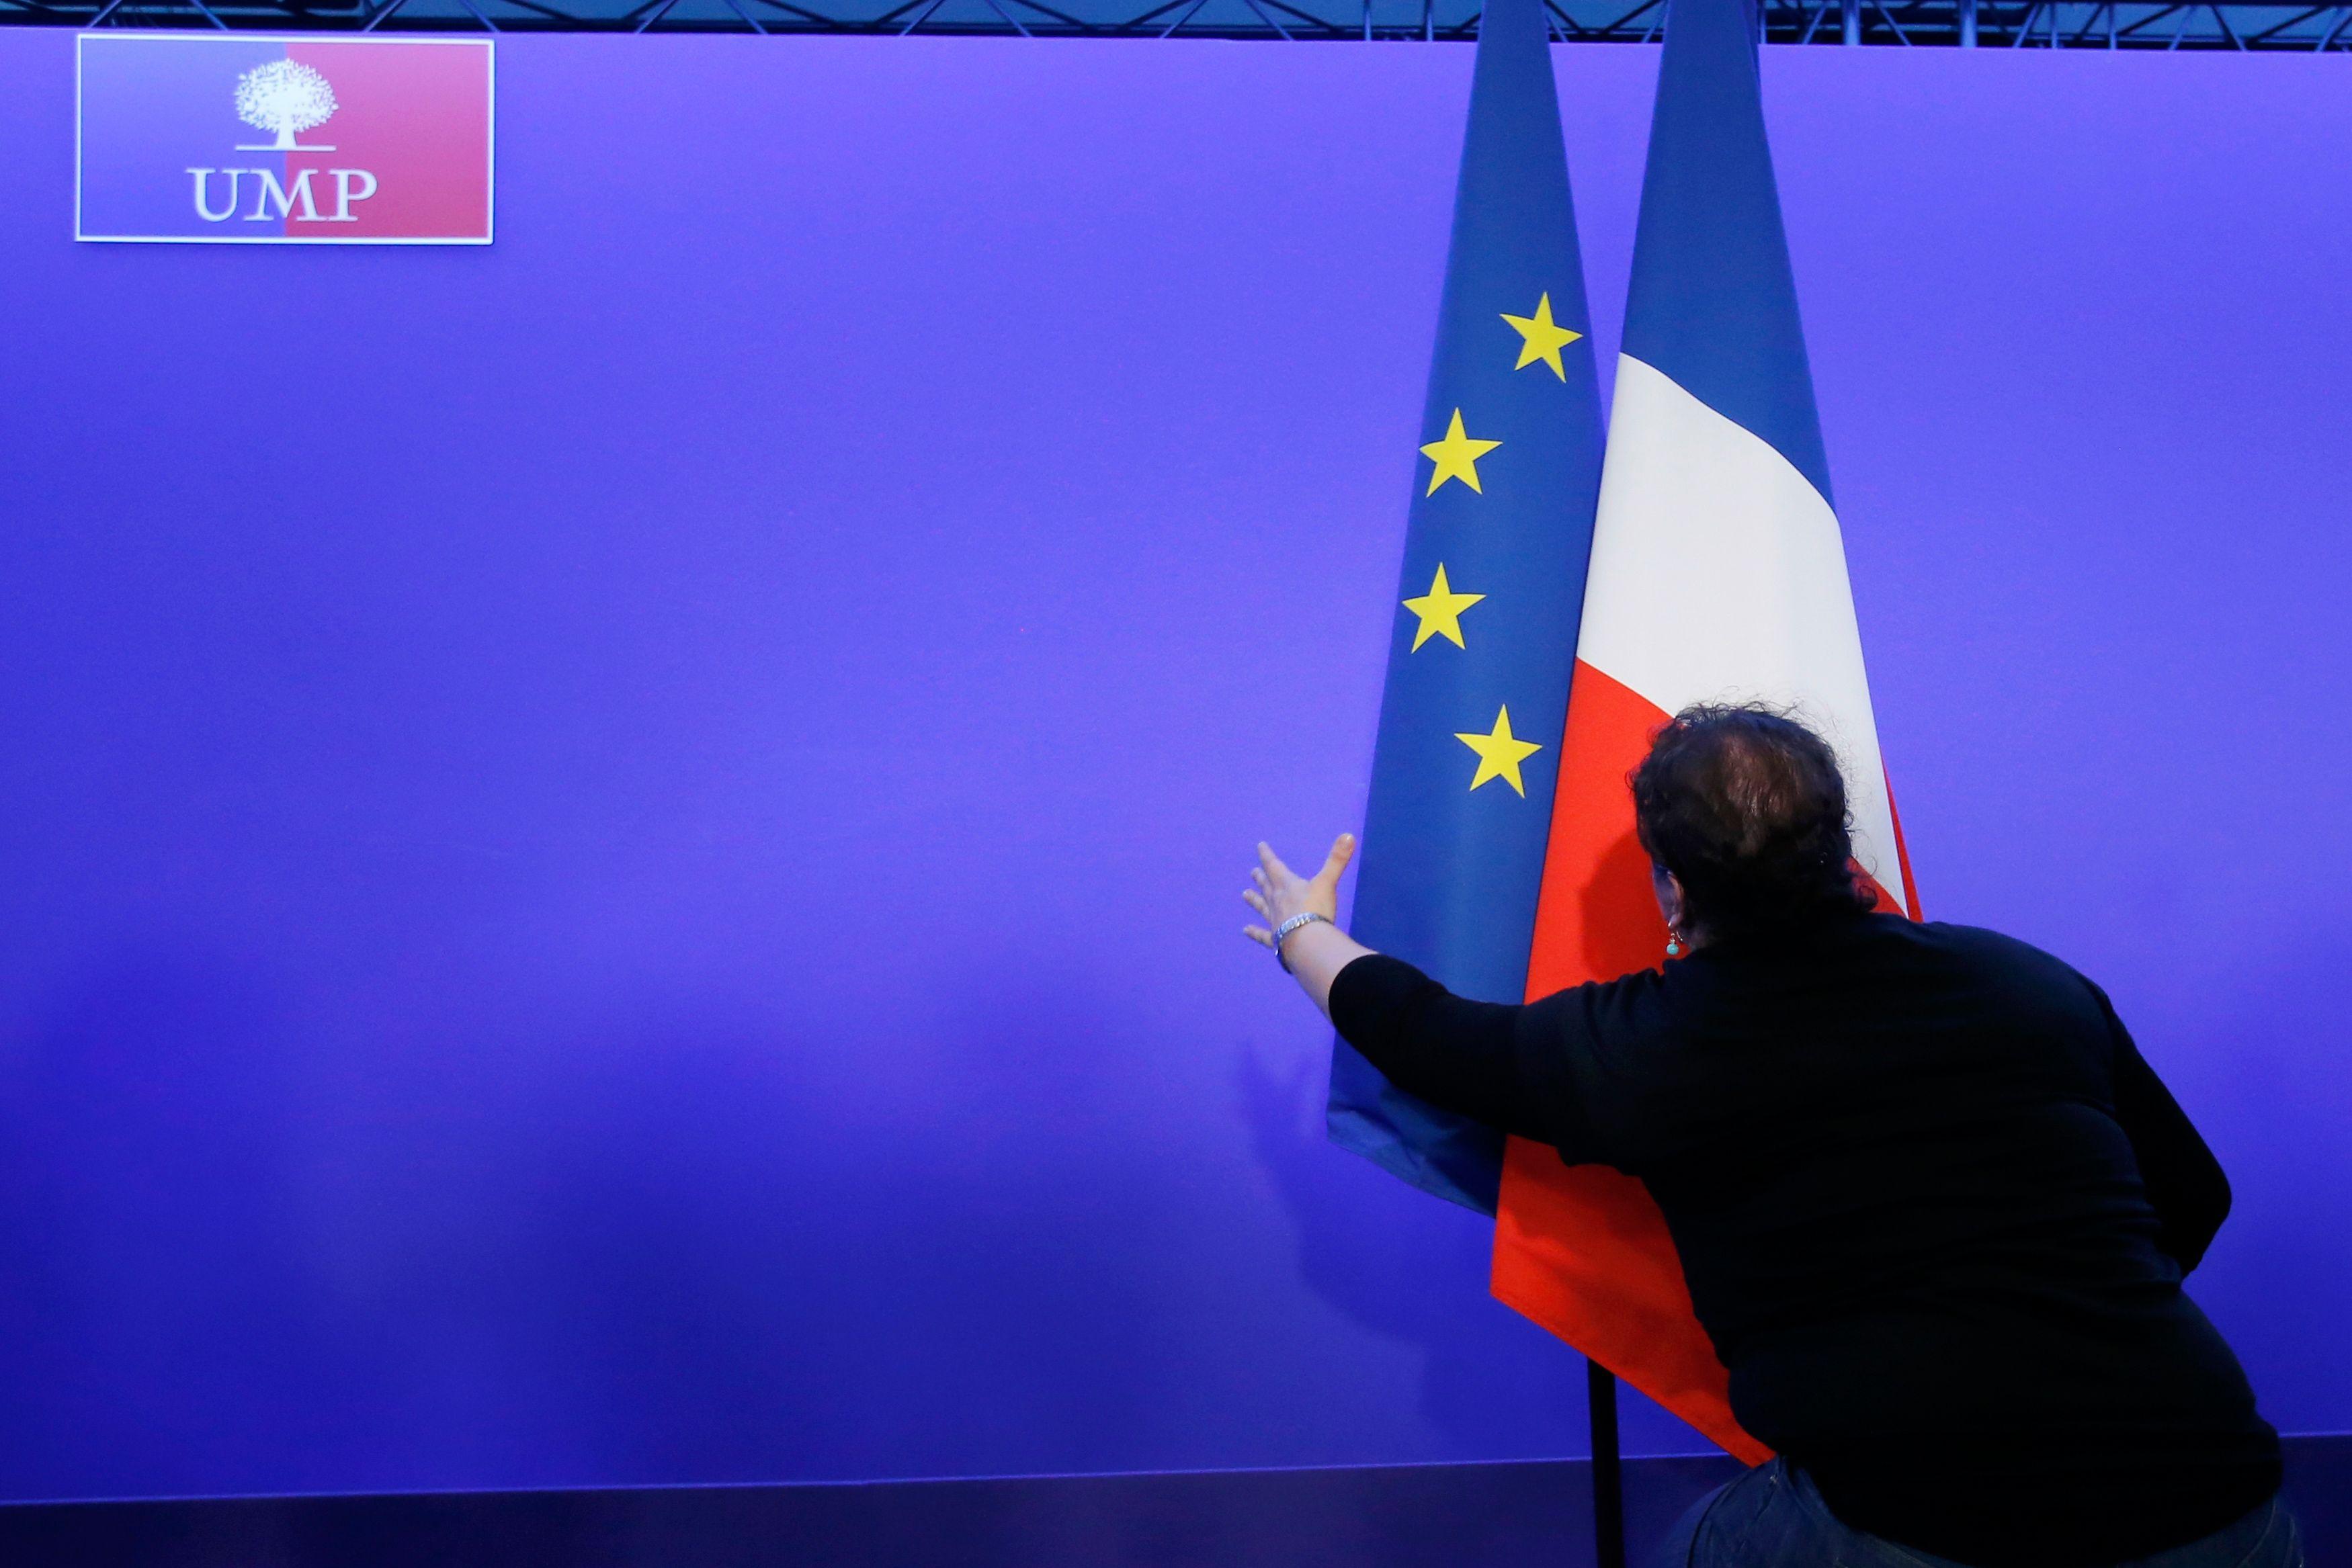 L'ump se divise à propos des élections municipales de Paris.